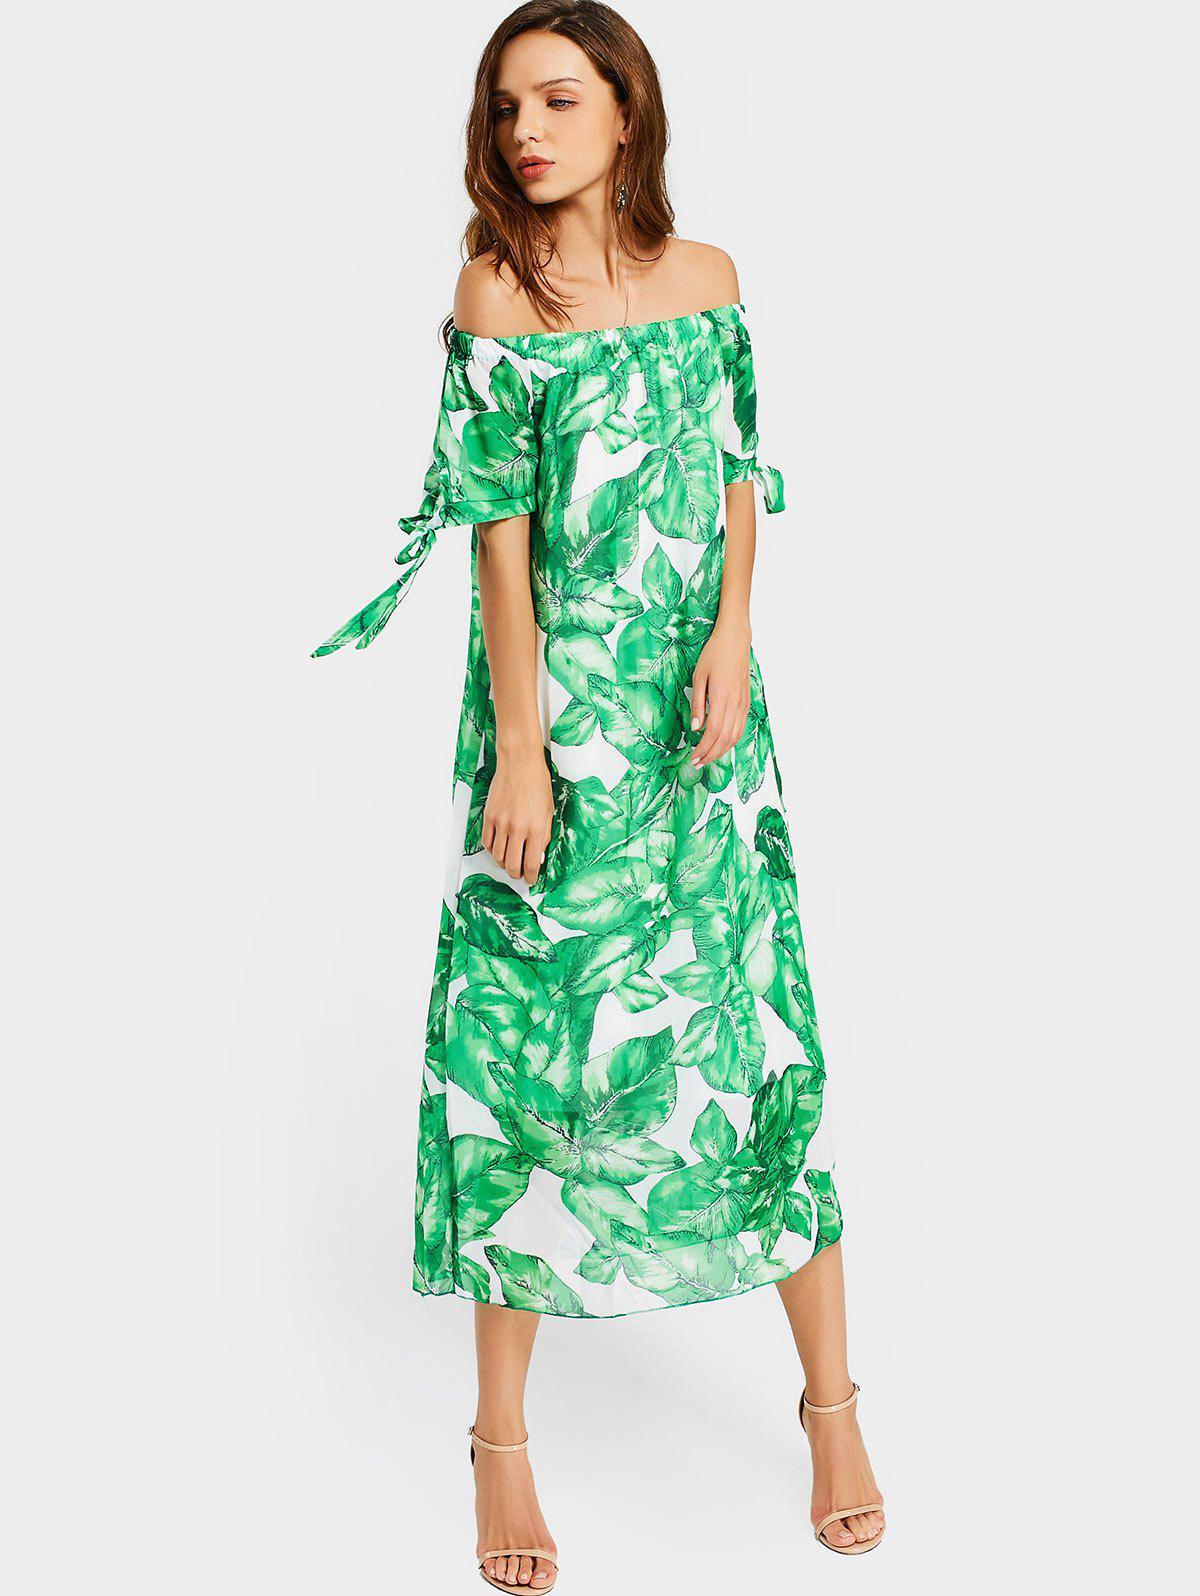 Off The Shoulder Leaves Print Dress 220770702